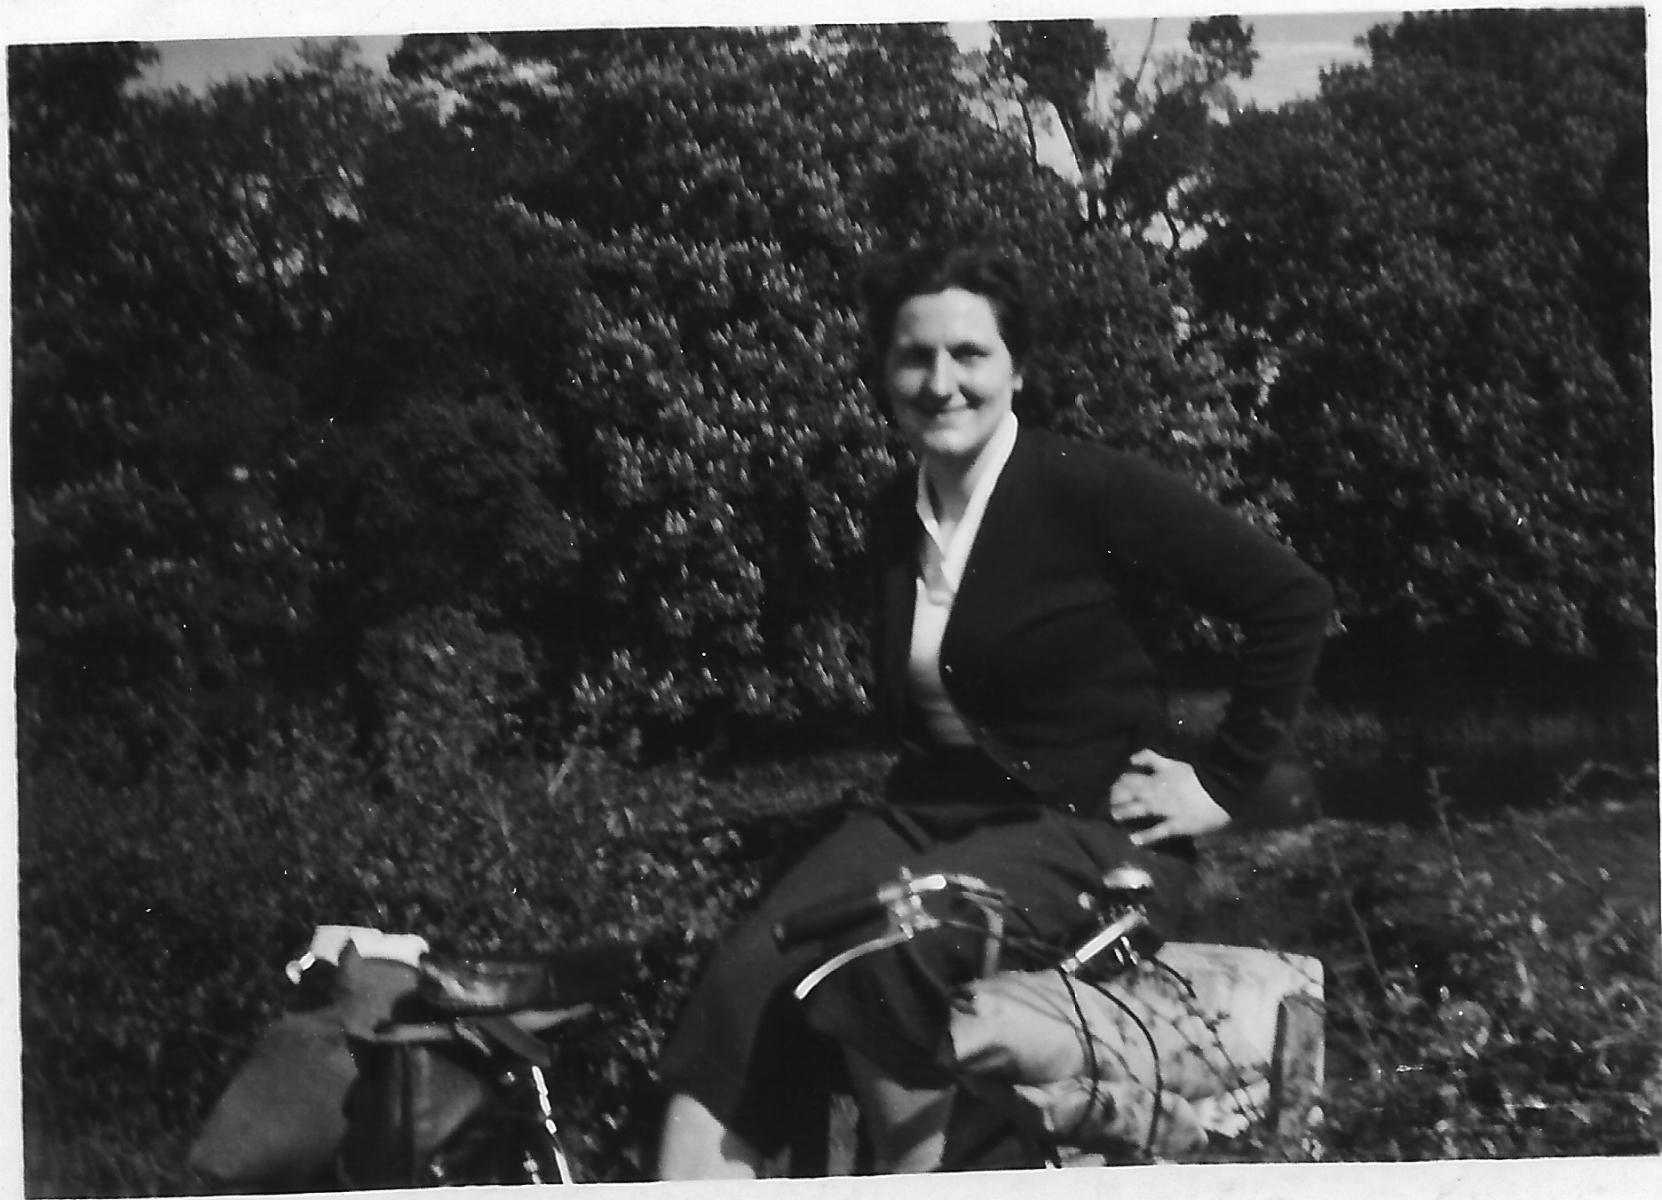 In posa con l'inseparabile bicicletta, attrezzata per il viaggio verso le abbazie del sud dell'Inghilterra.